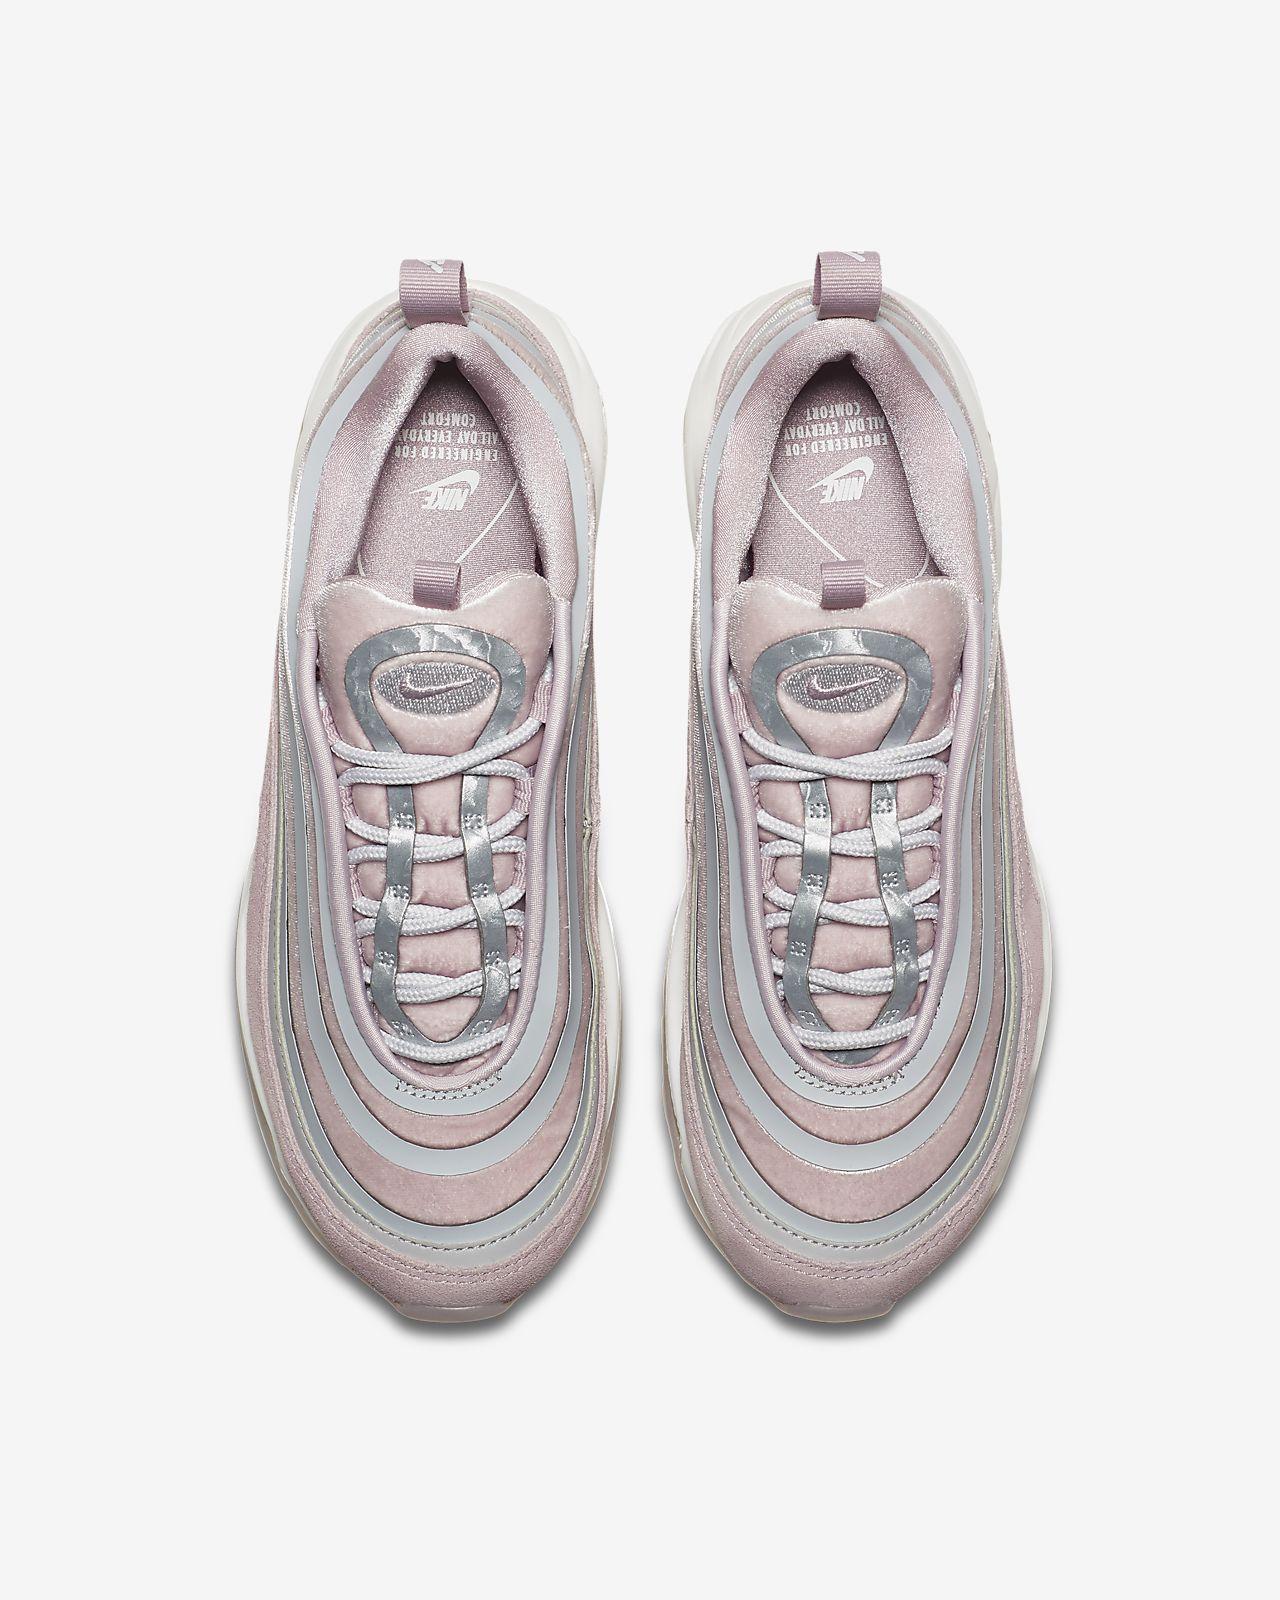 b42becd4e93d9 Footlocker Finish Insbesondere Rabatt Nike Air Max 97 Ultra  17 Lx - Damen  Schuhe Pink